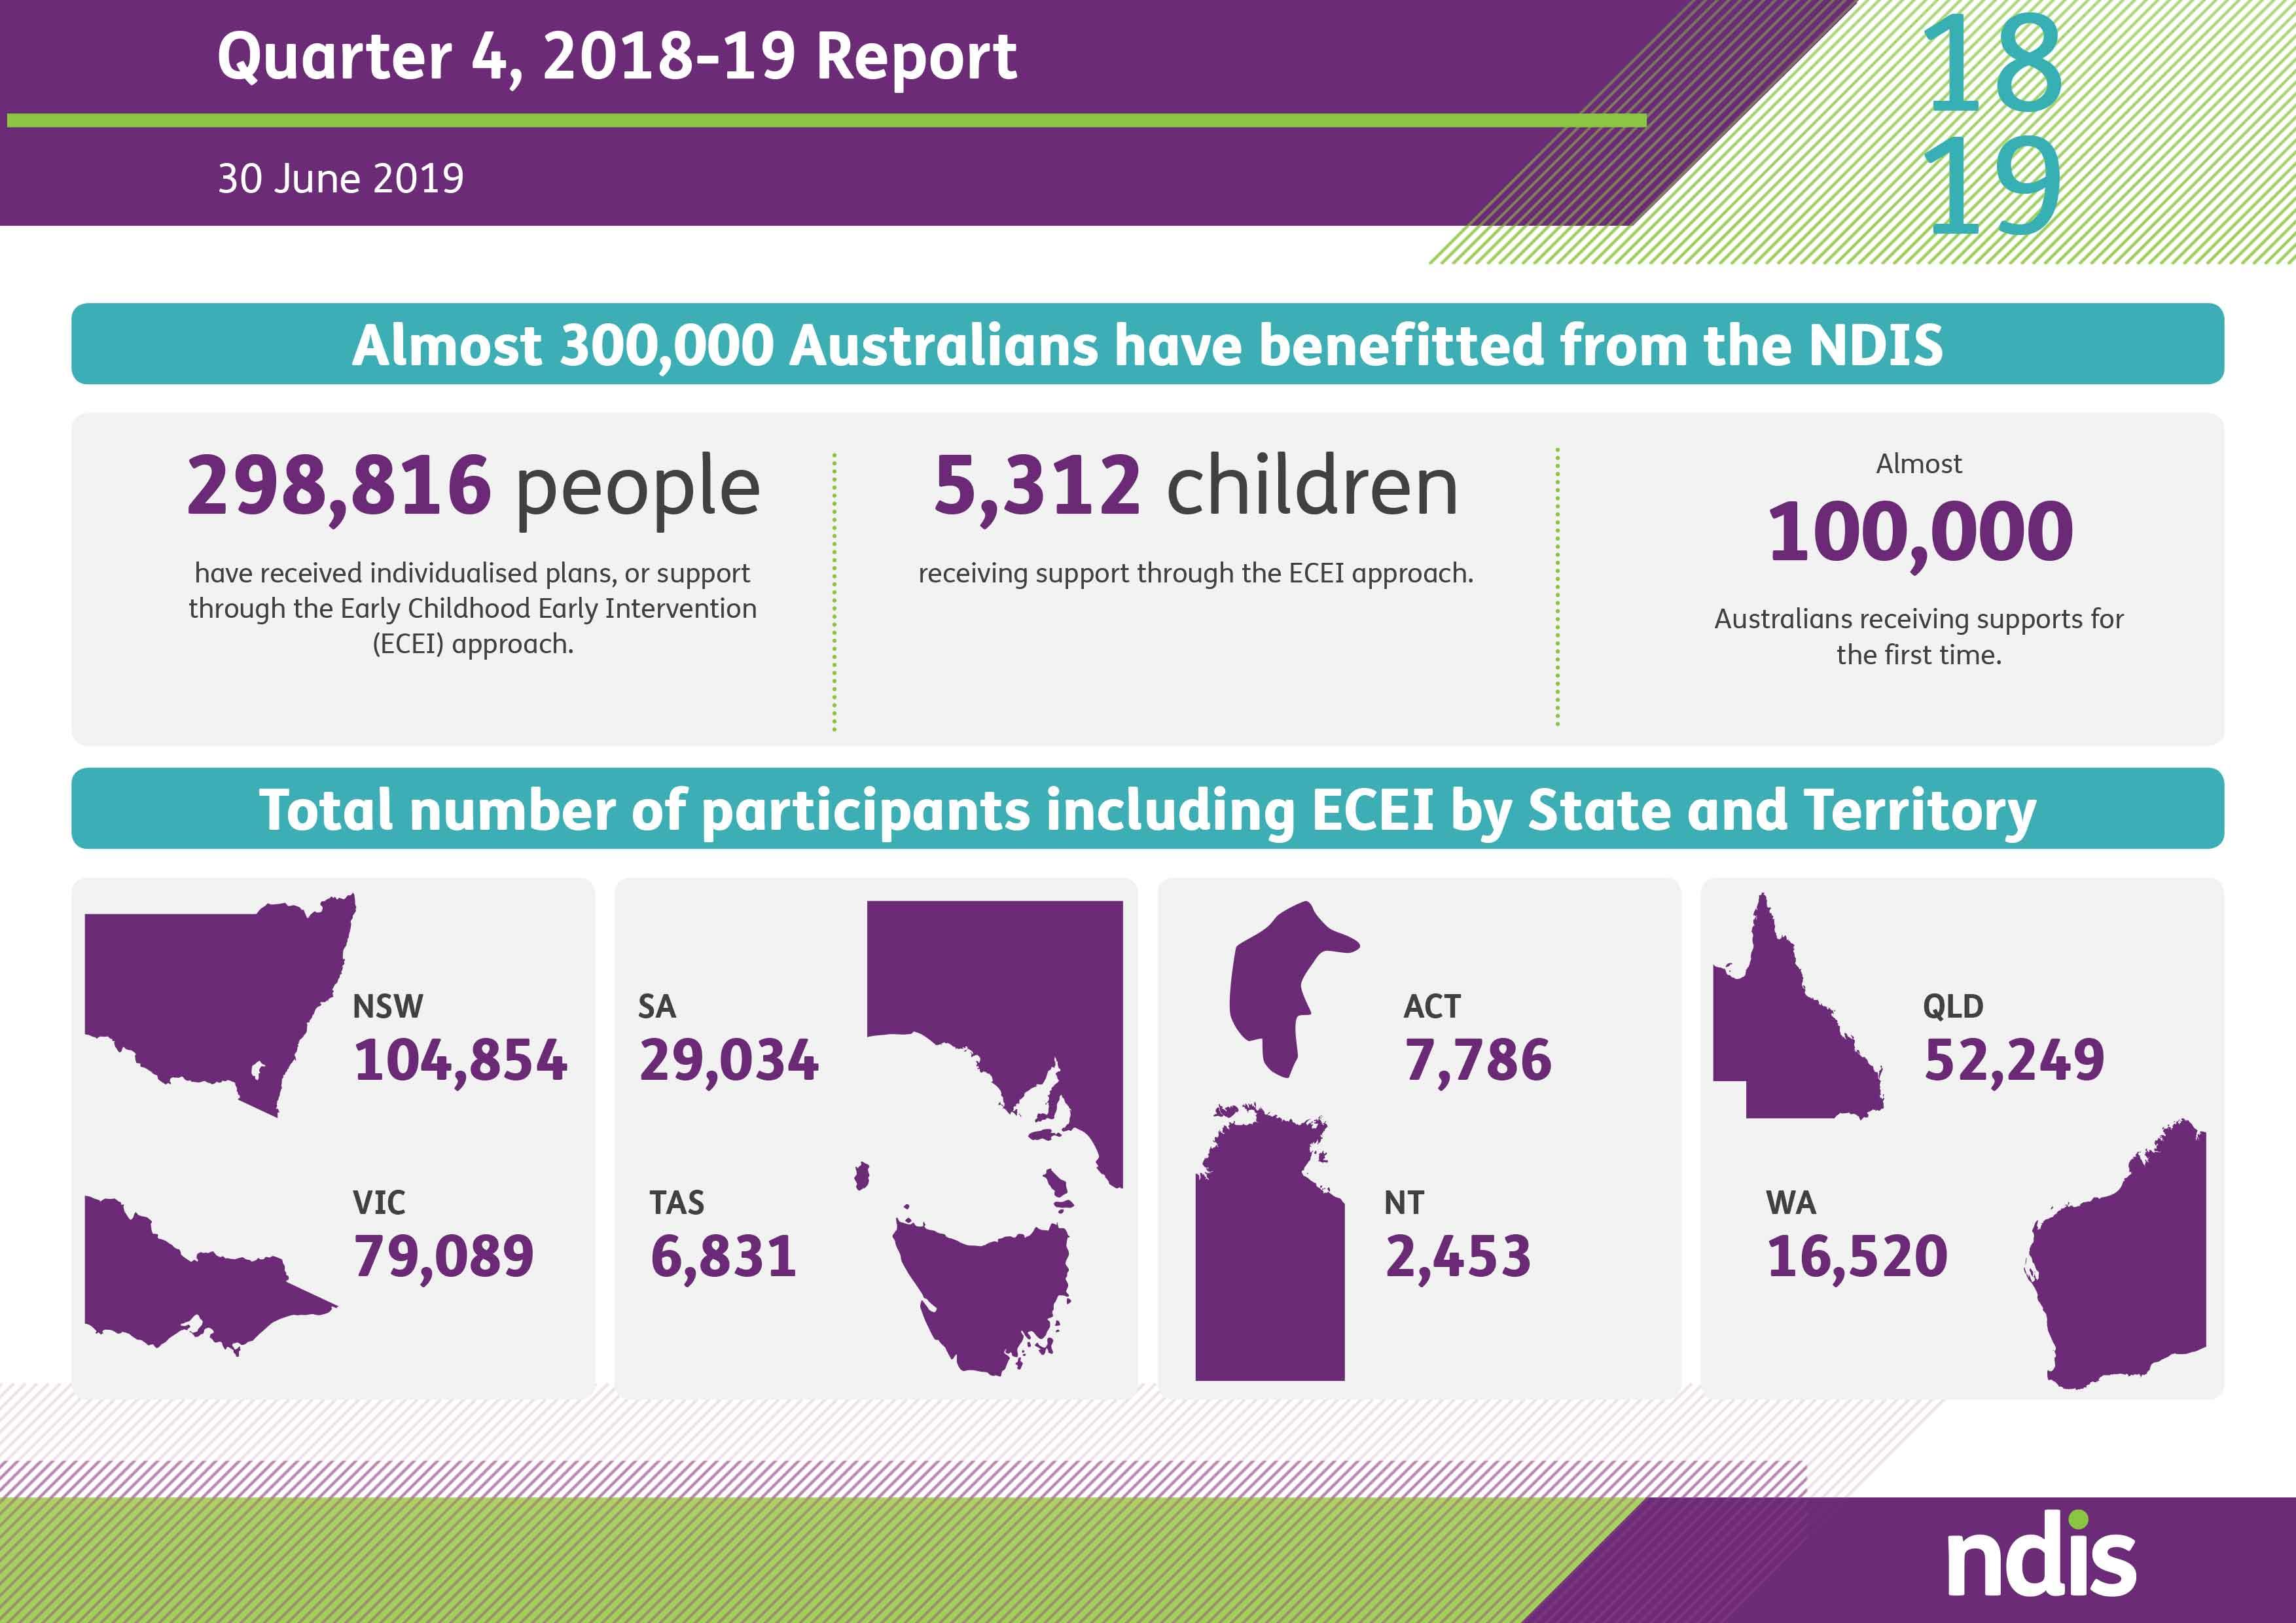 Q4 2019 NDIS infographic